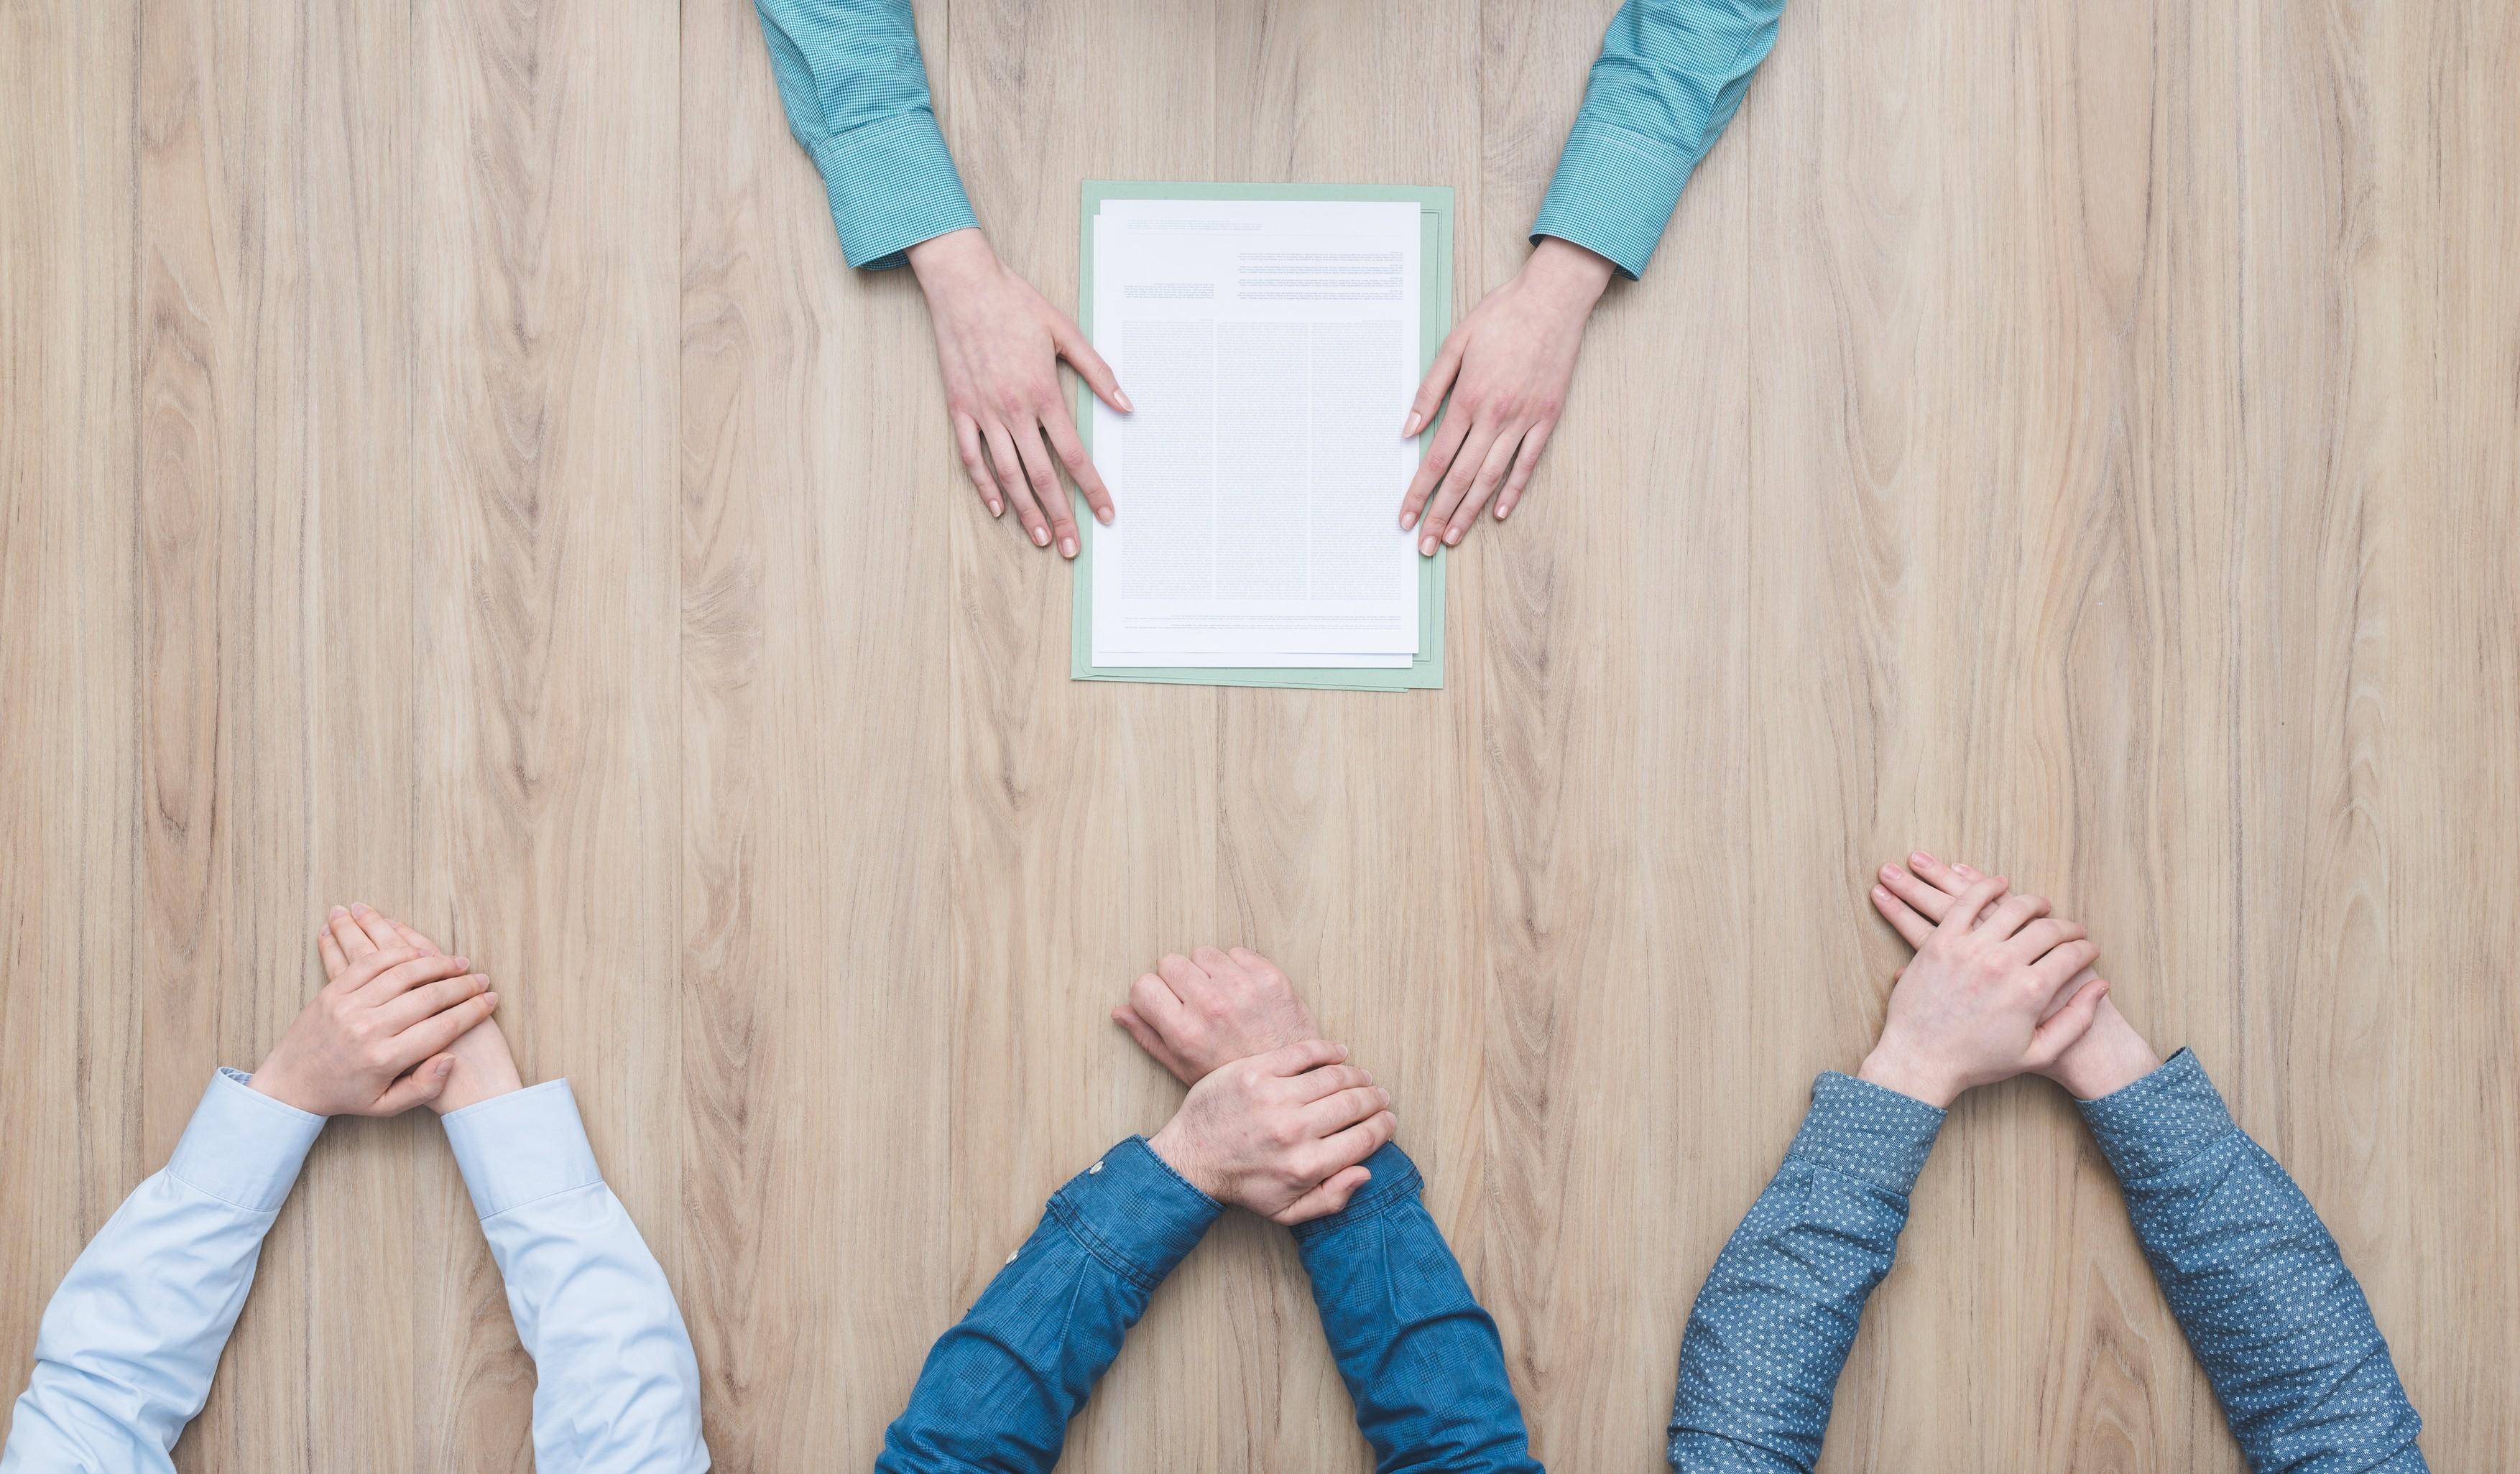 Întrebarea care face RAVAGII la interviurile de angajare din România. 90% dintre candidaţi pleacă(...)